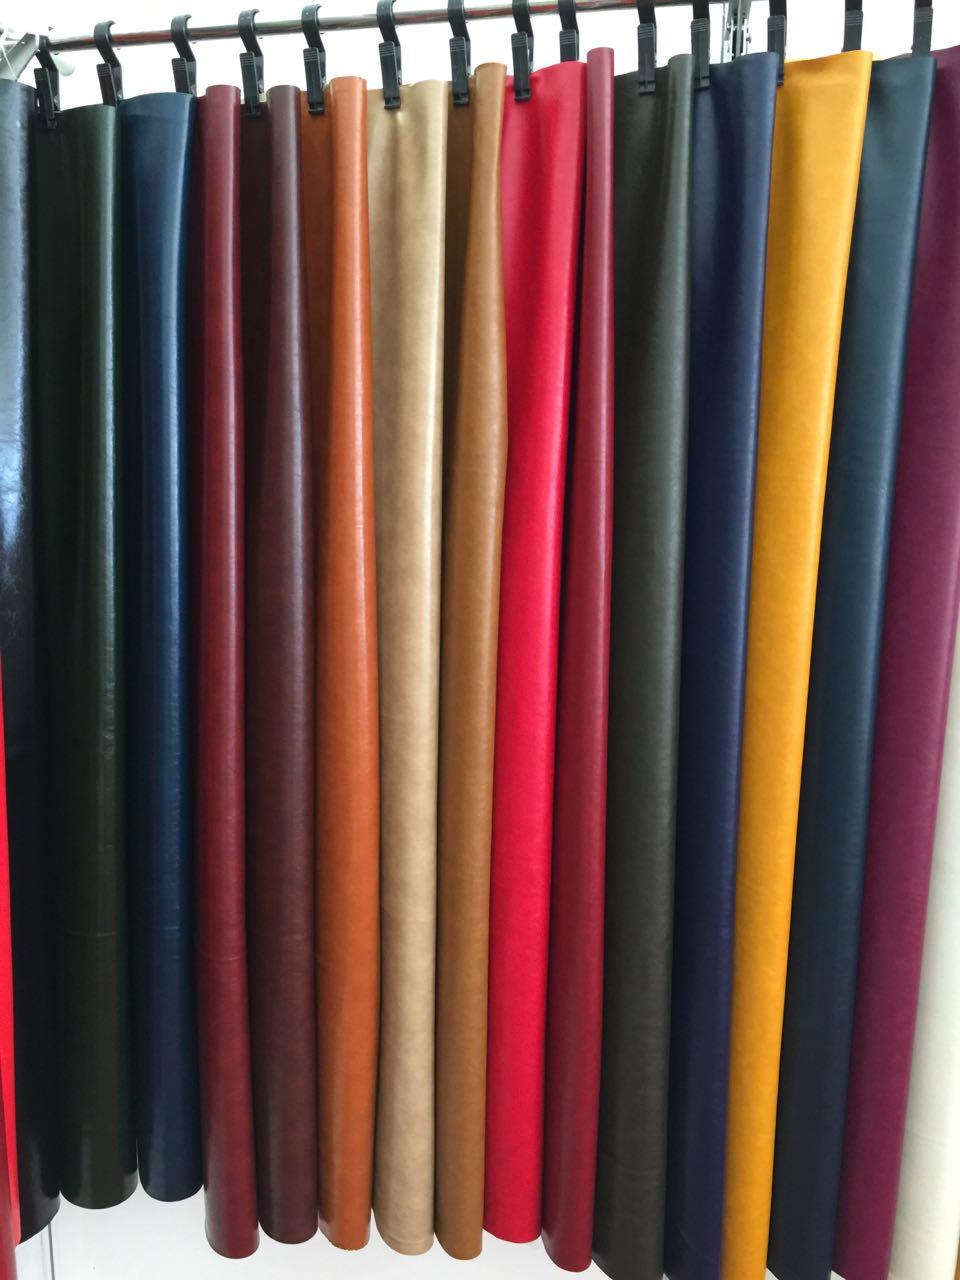 来自吴峰发布的供应信息:... - 东莞市联一超纤皮革有限公司